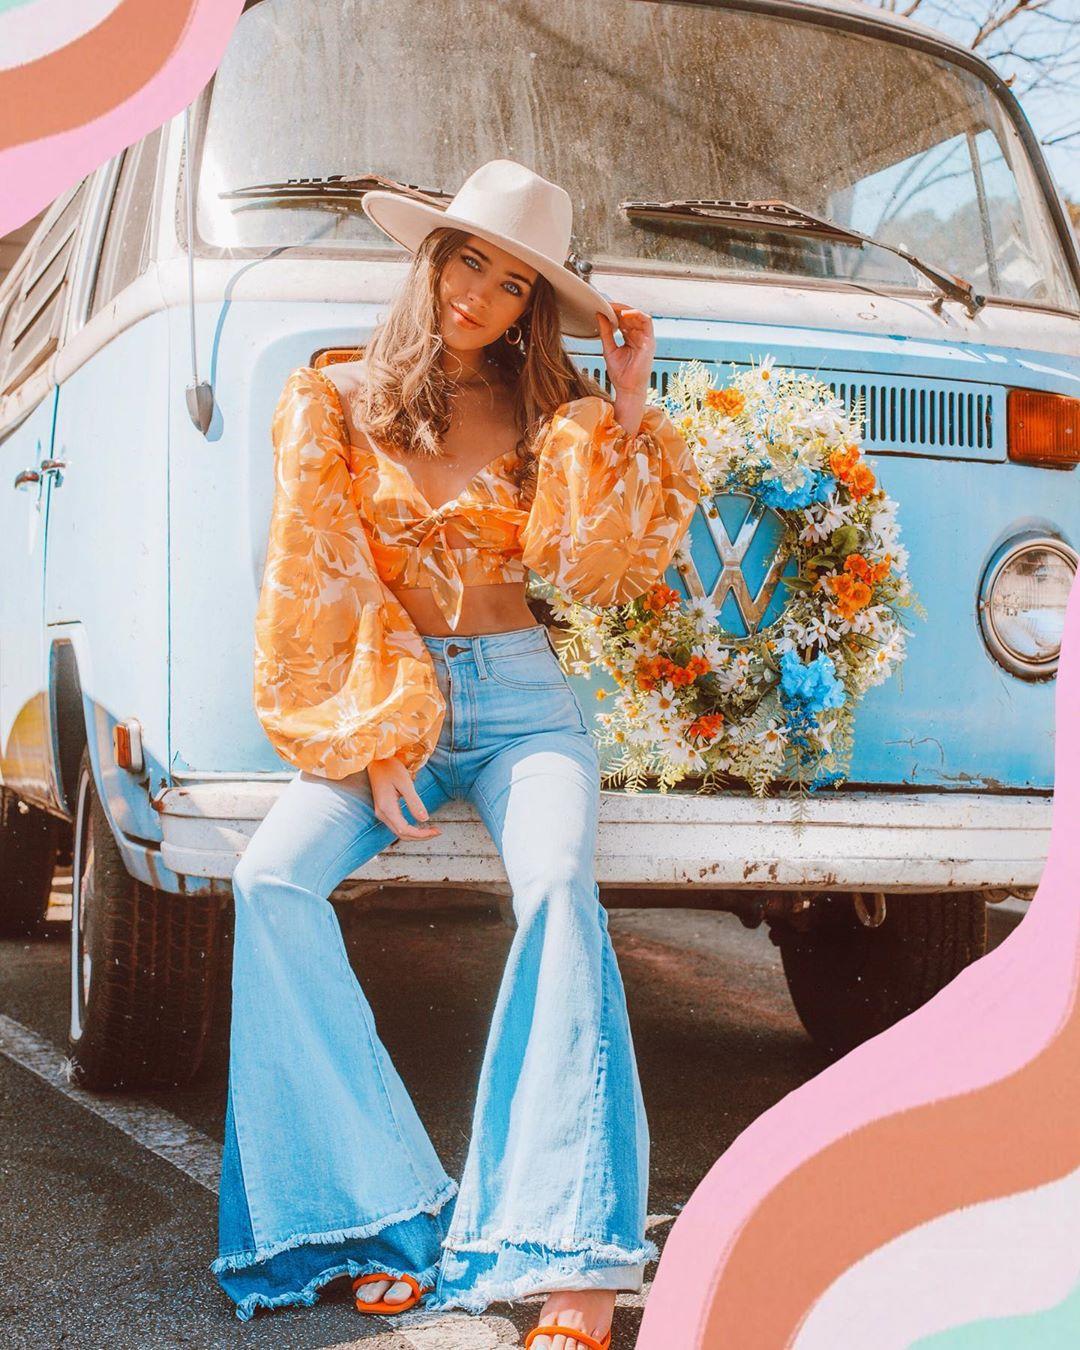 Cô gái mặc quần jeans ống loe, áo tay phồng in hoa